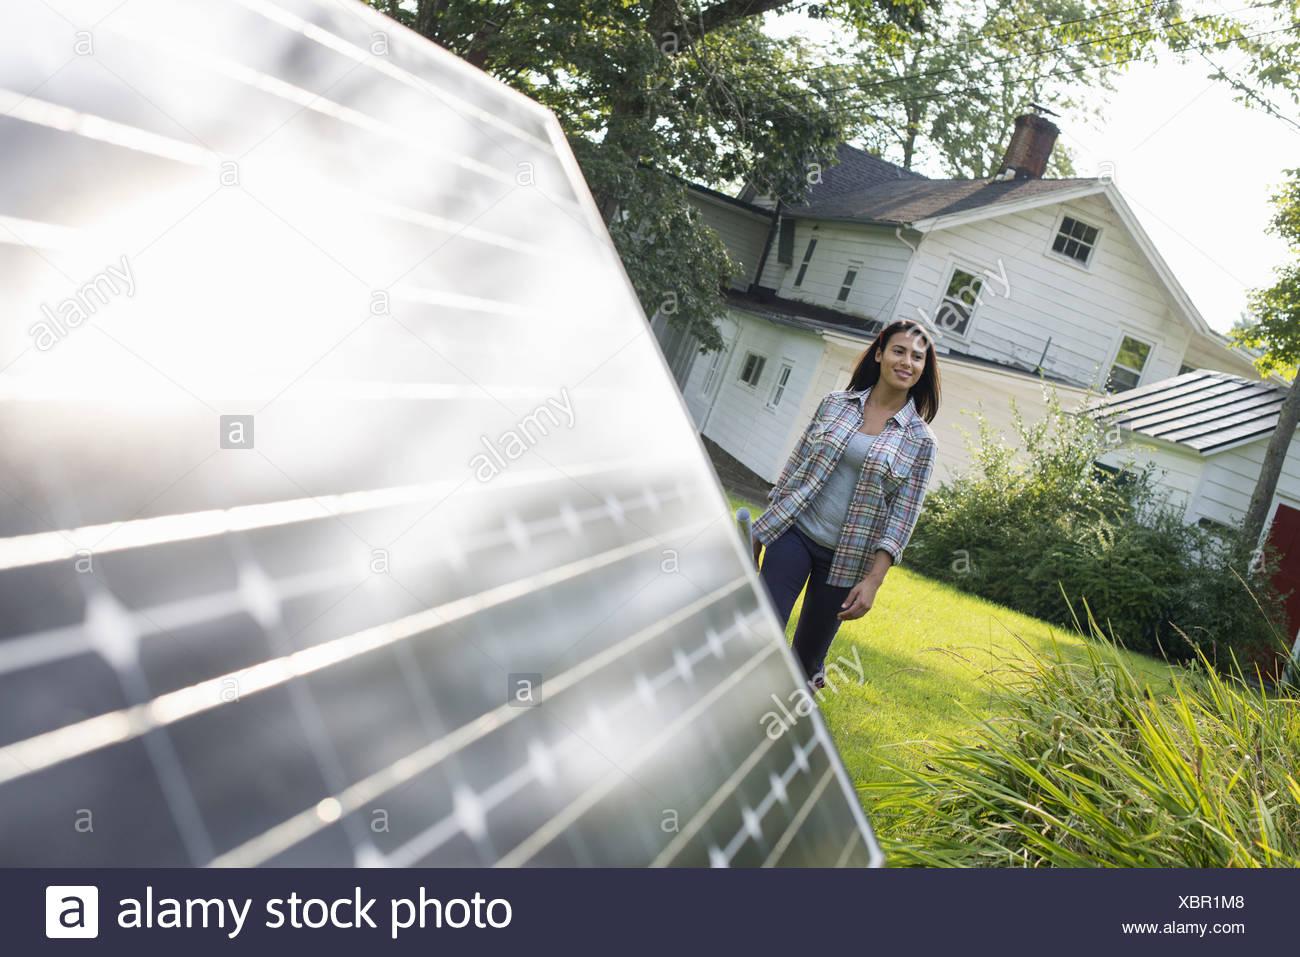 A woman walking towards a solar panel in a farmhouse garden. - Stock Image